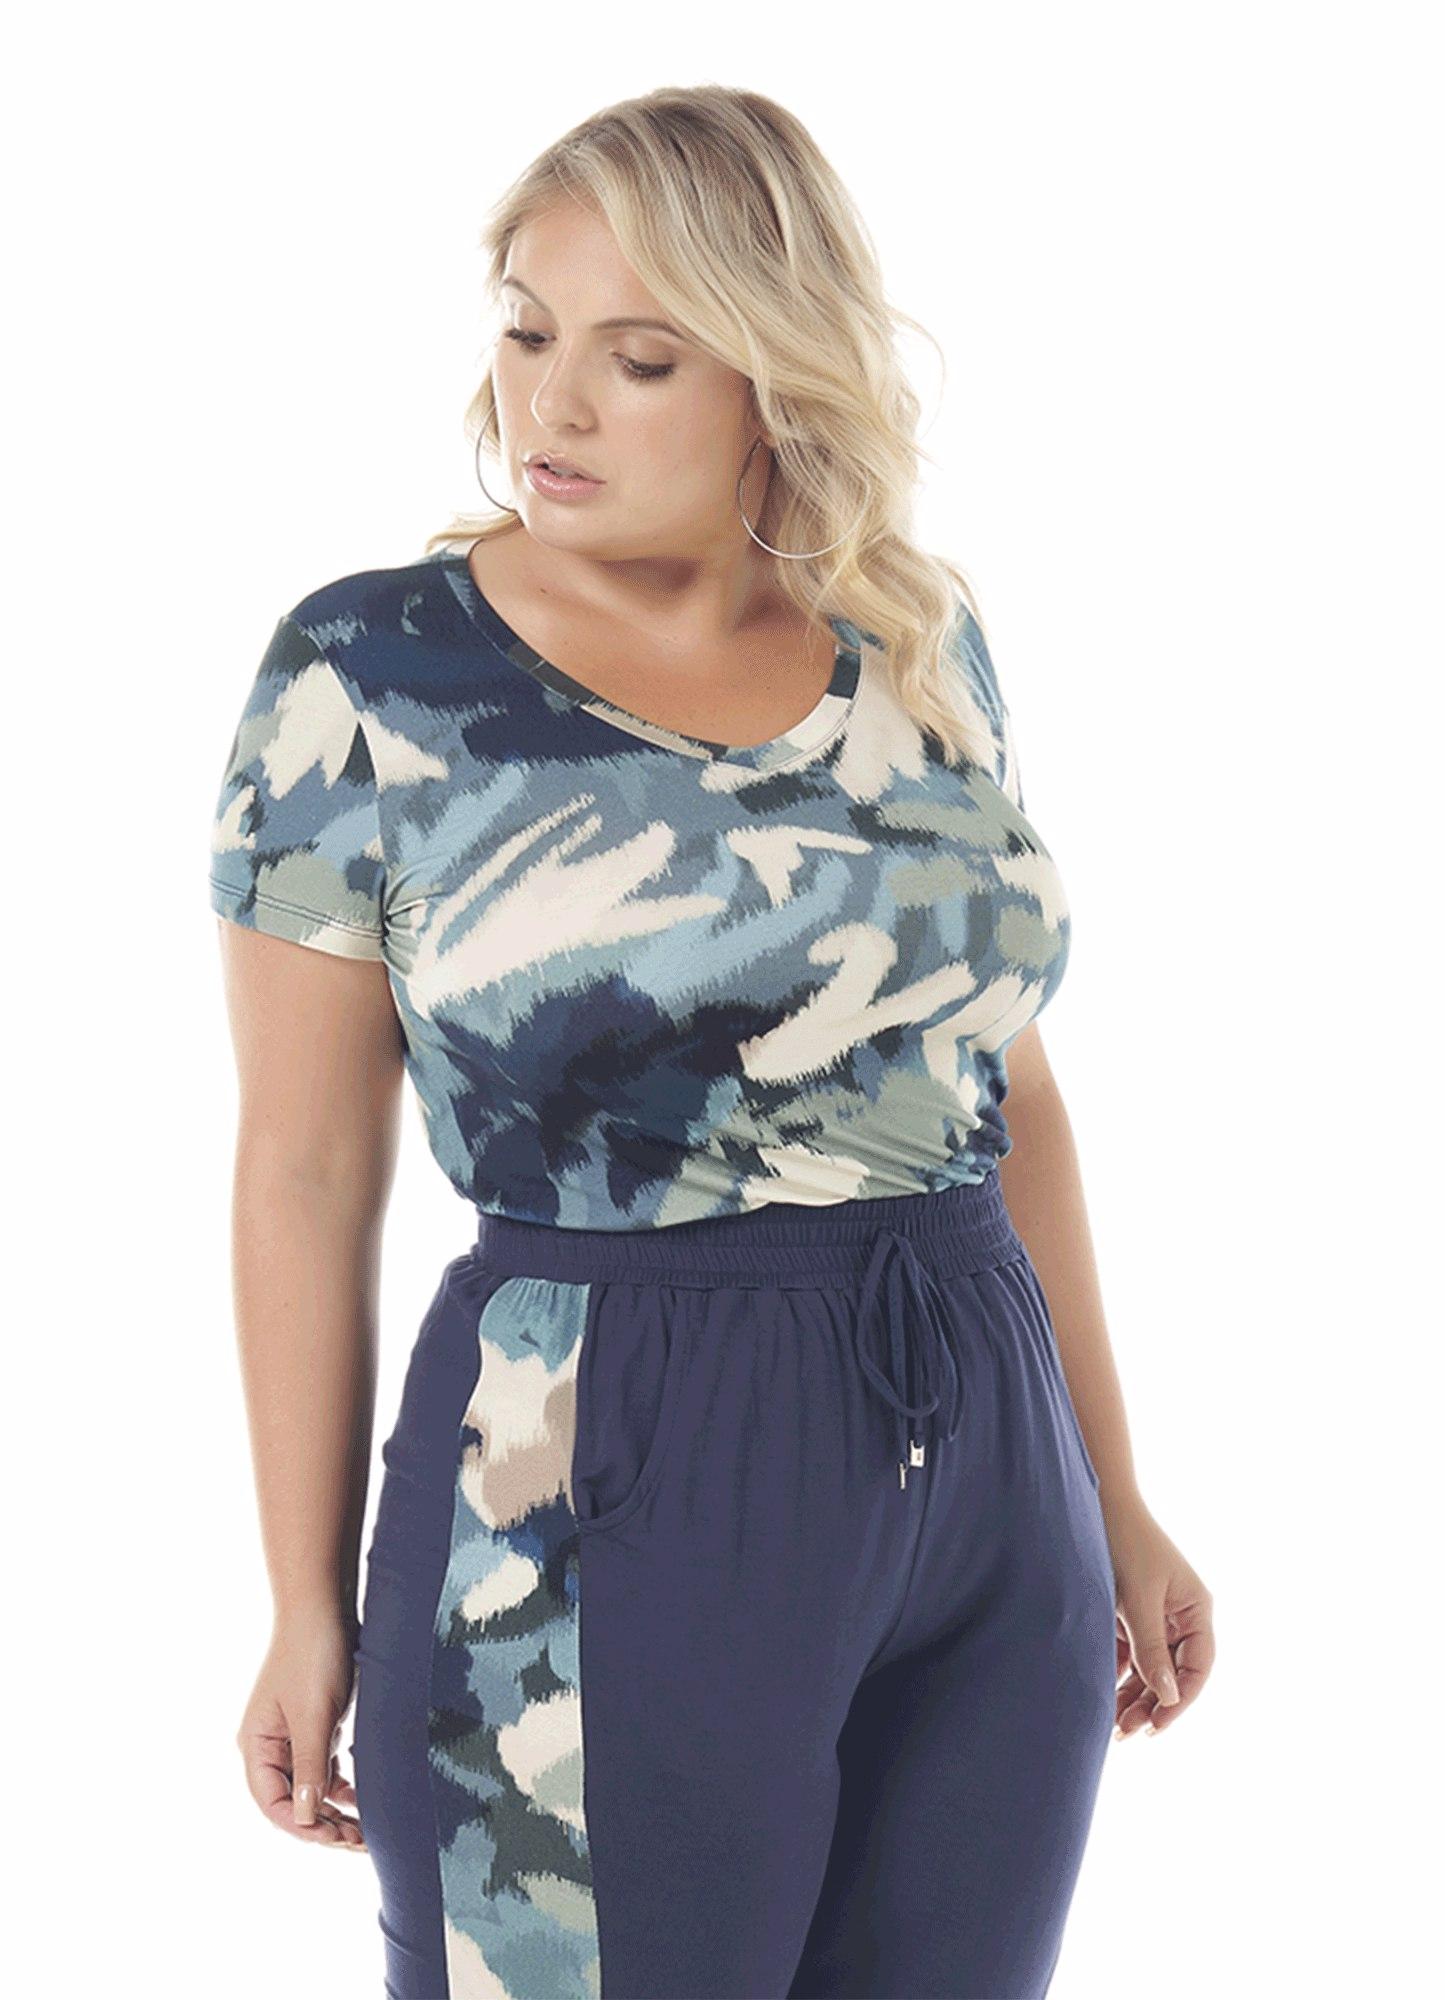 Blusa Feminina Viscose Azul Estampada Decote V